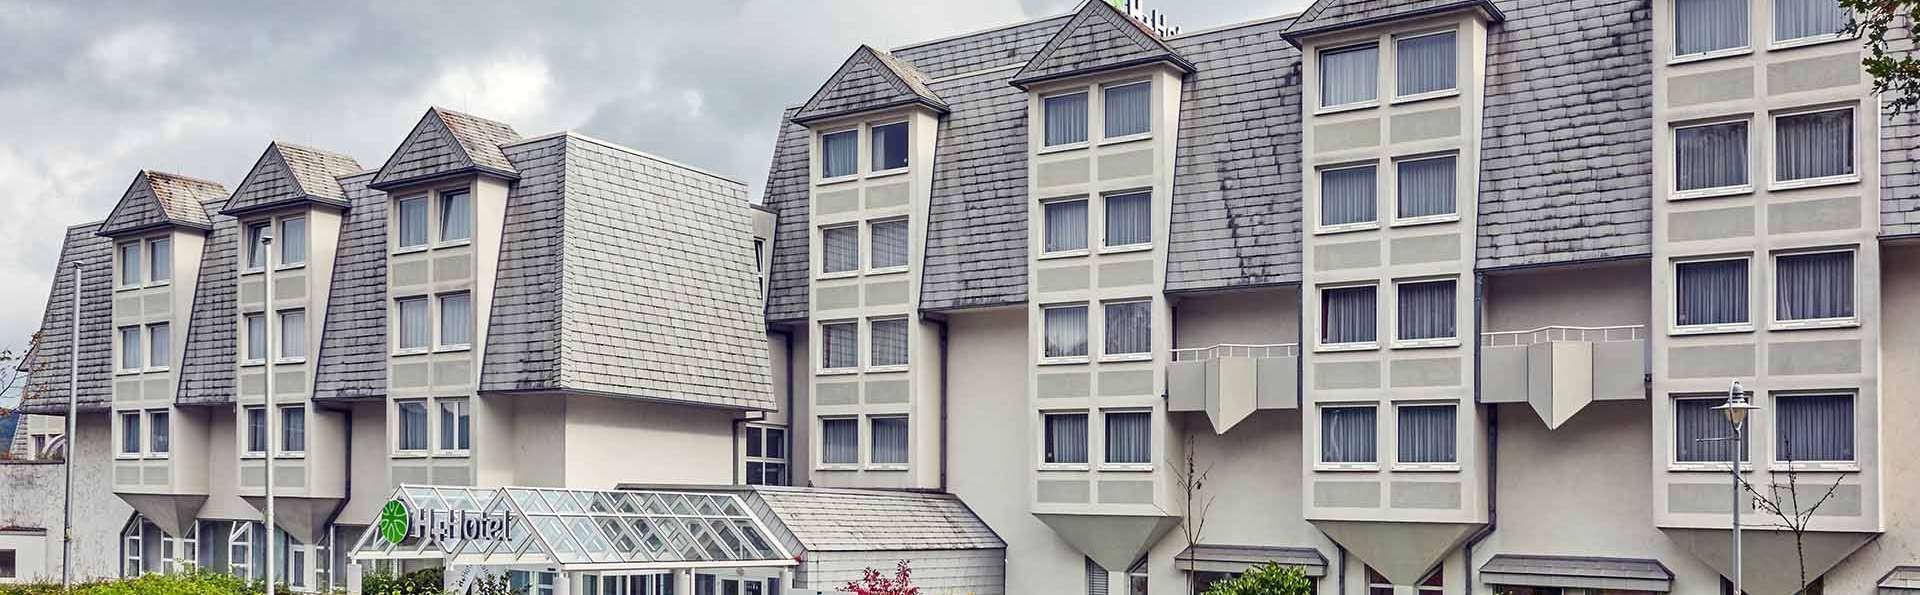 H+ Hotel Wiesbaden-Niedernhausen - EDIT_h-hotels_aussenansicht-tag-01-hplus-hotel-wiesbaden-niedernhausen_Original__kommerz._Nutzung__02.jpg